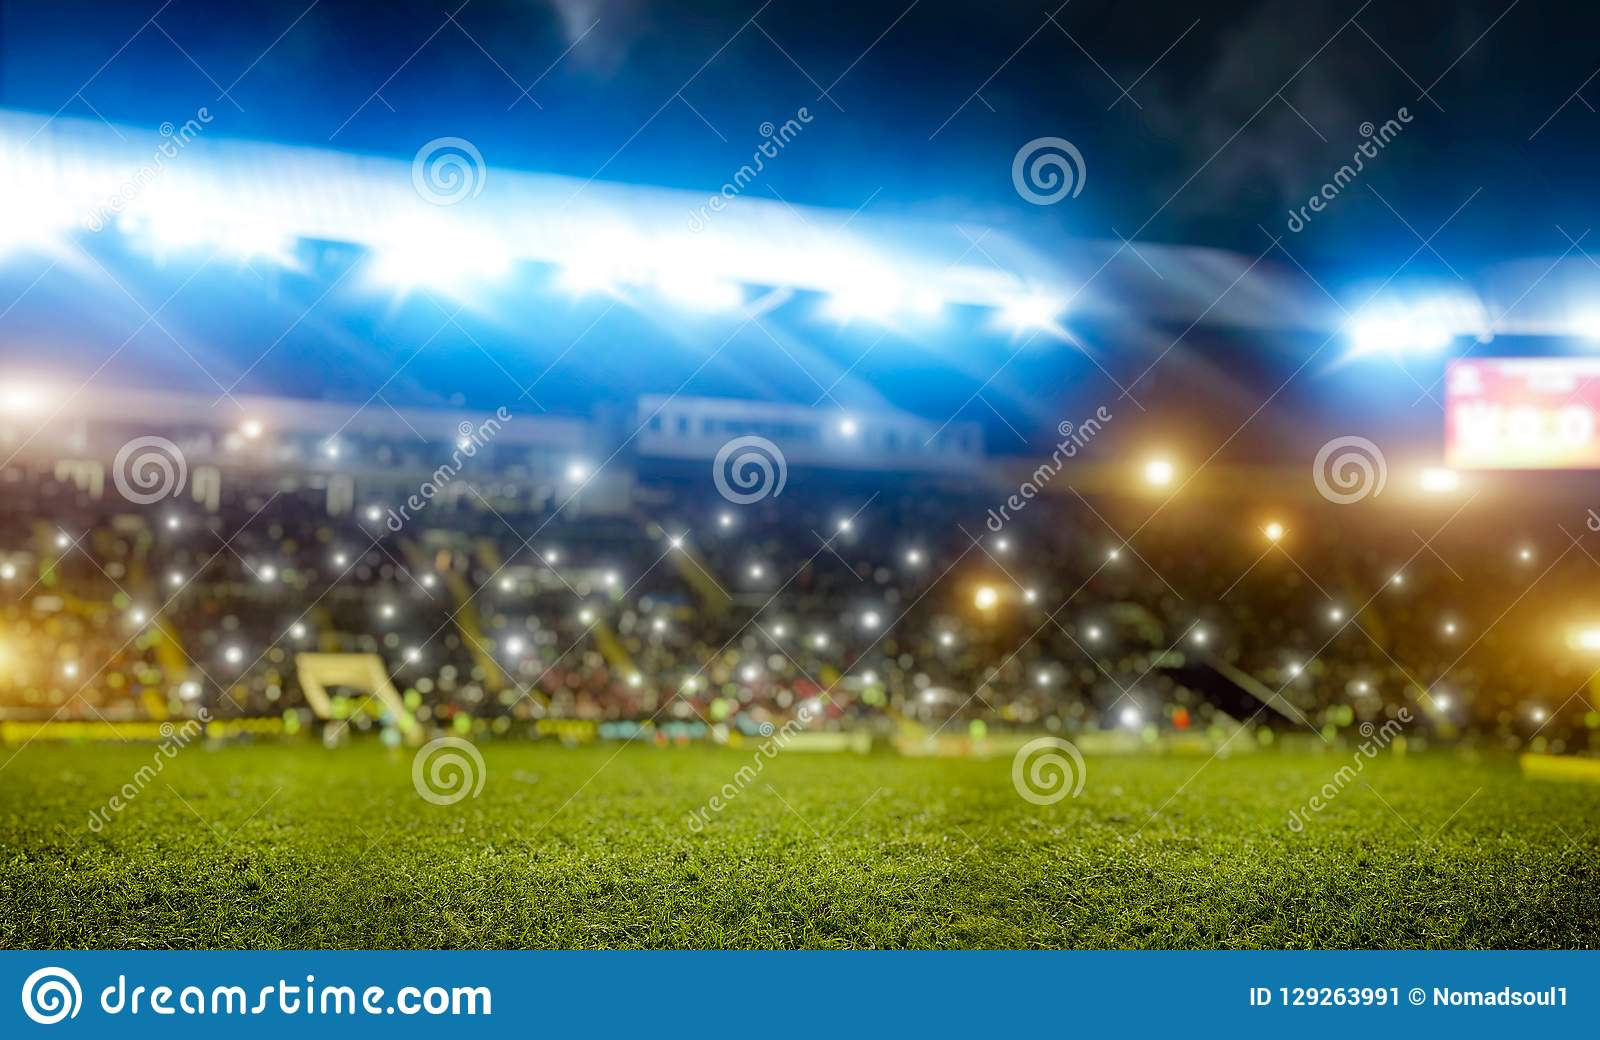 Fussballstadion Tribunen Mit Fans Glanzende Lichter